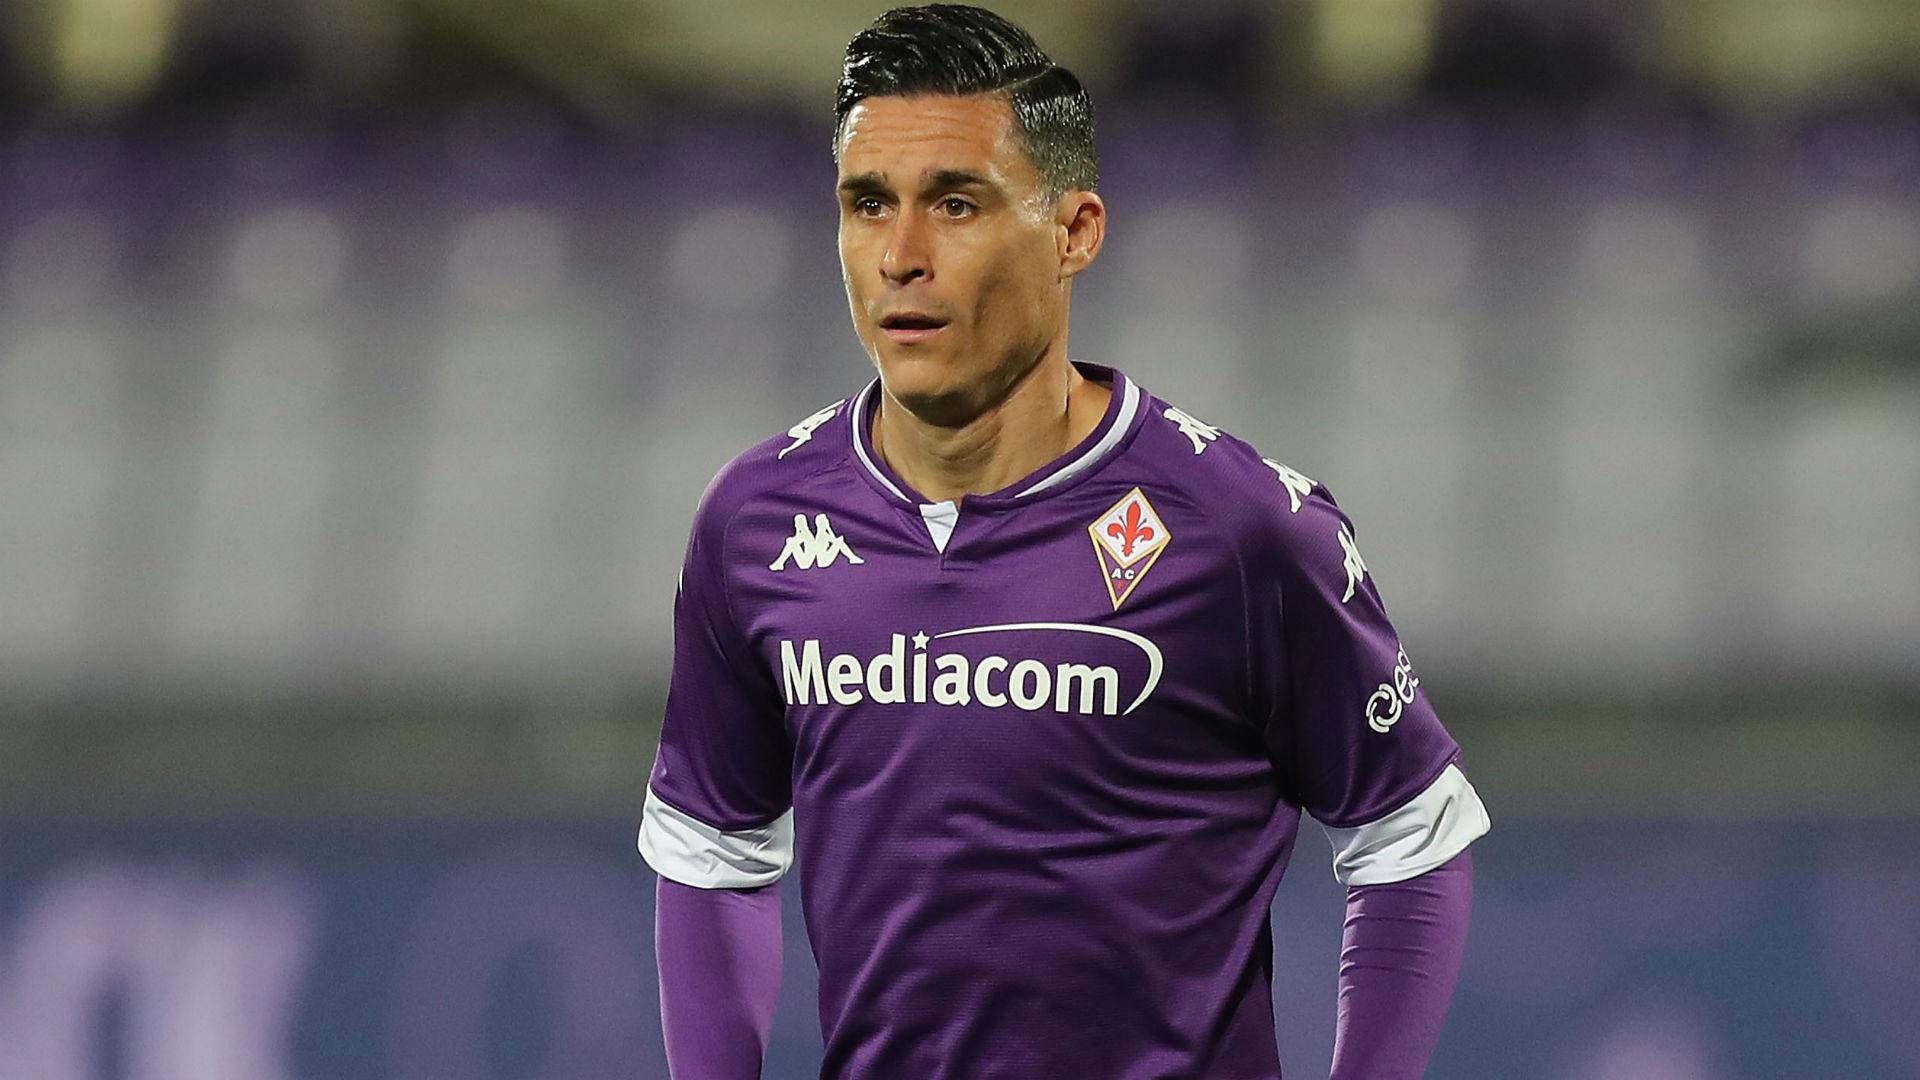 Fiorentina-Cagliari, le formazioni ufficiali: Prandelli rilancia Callejon